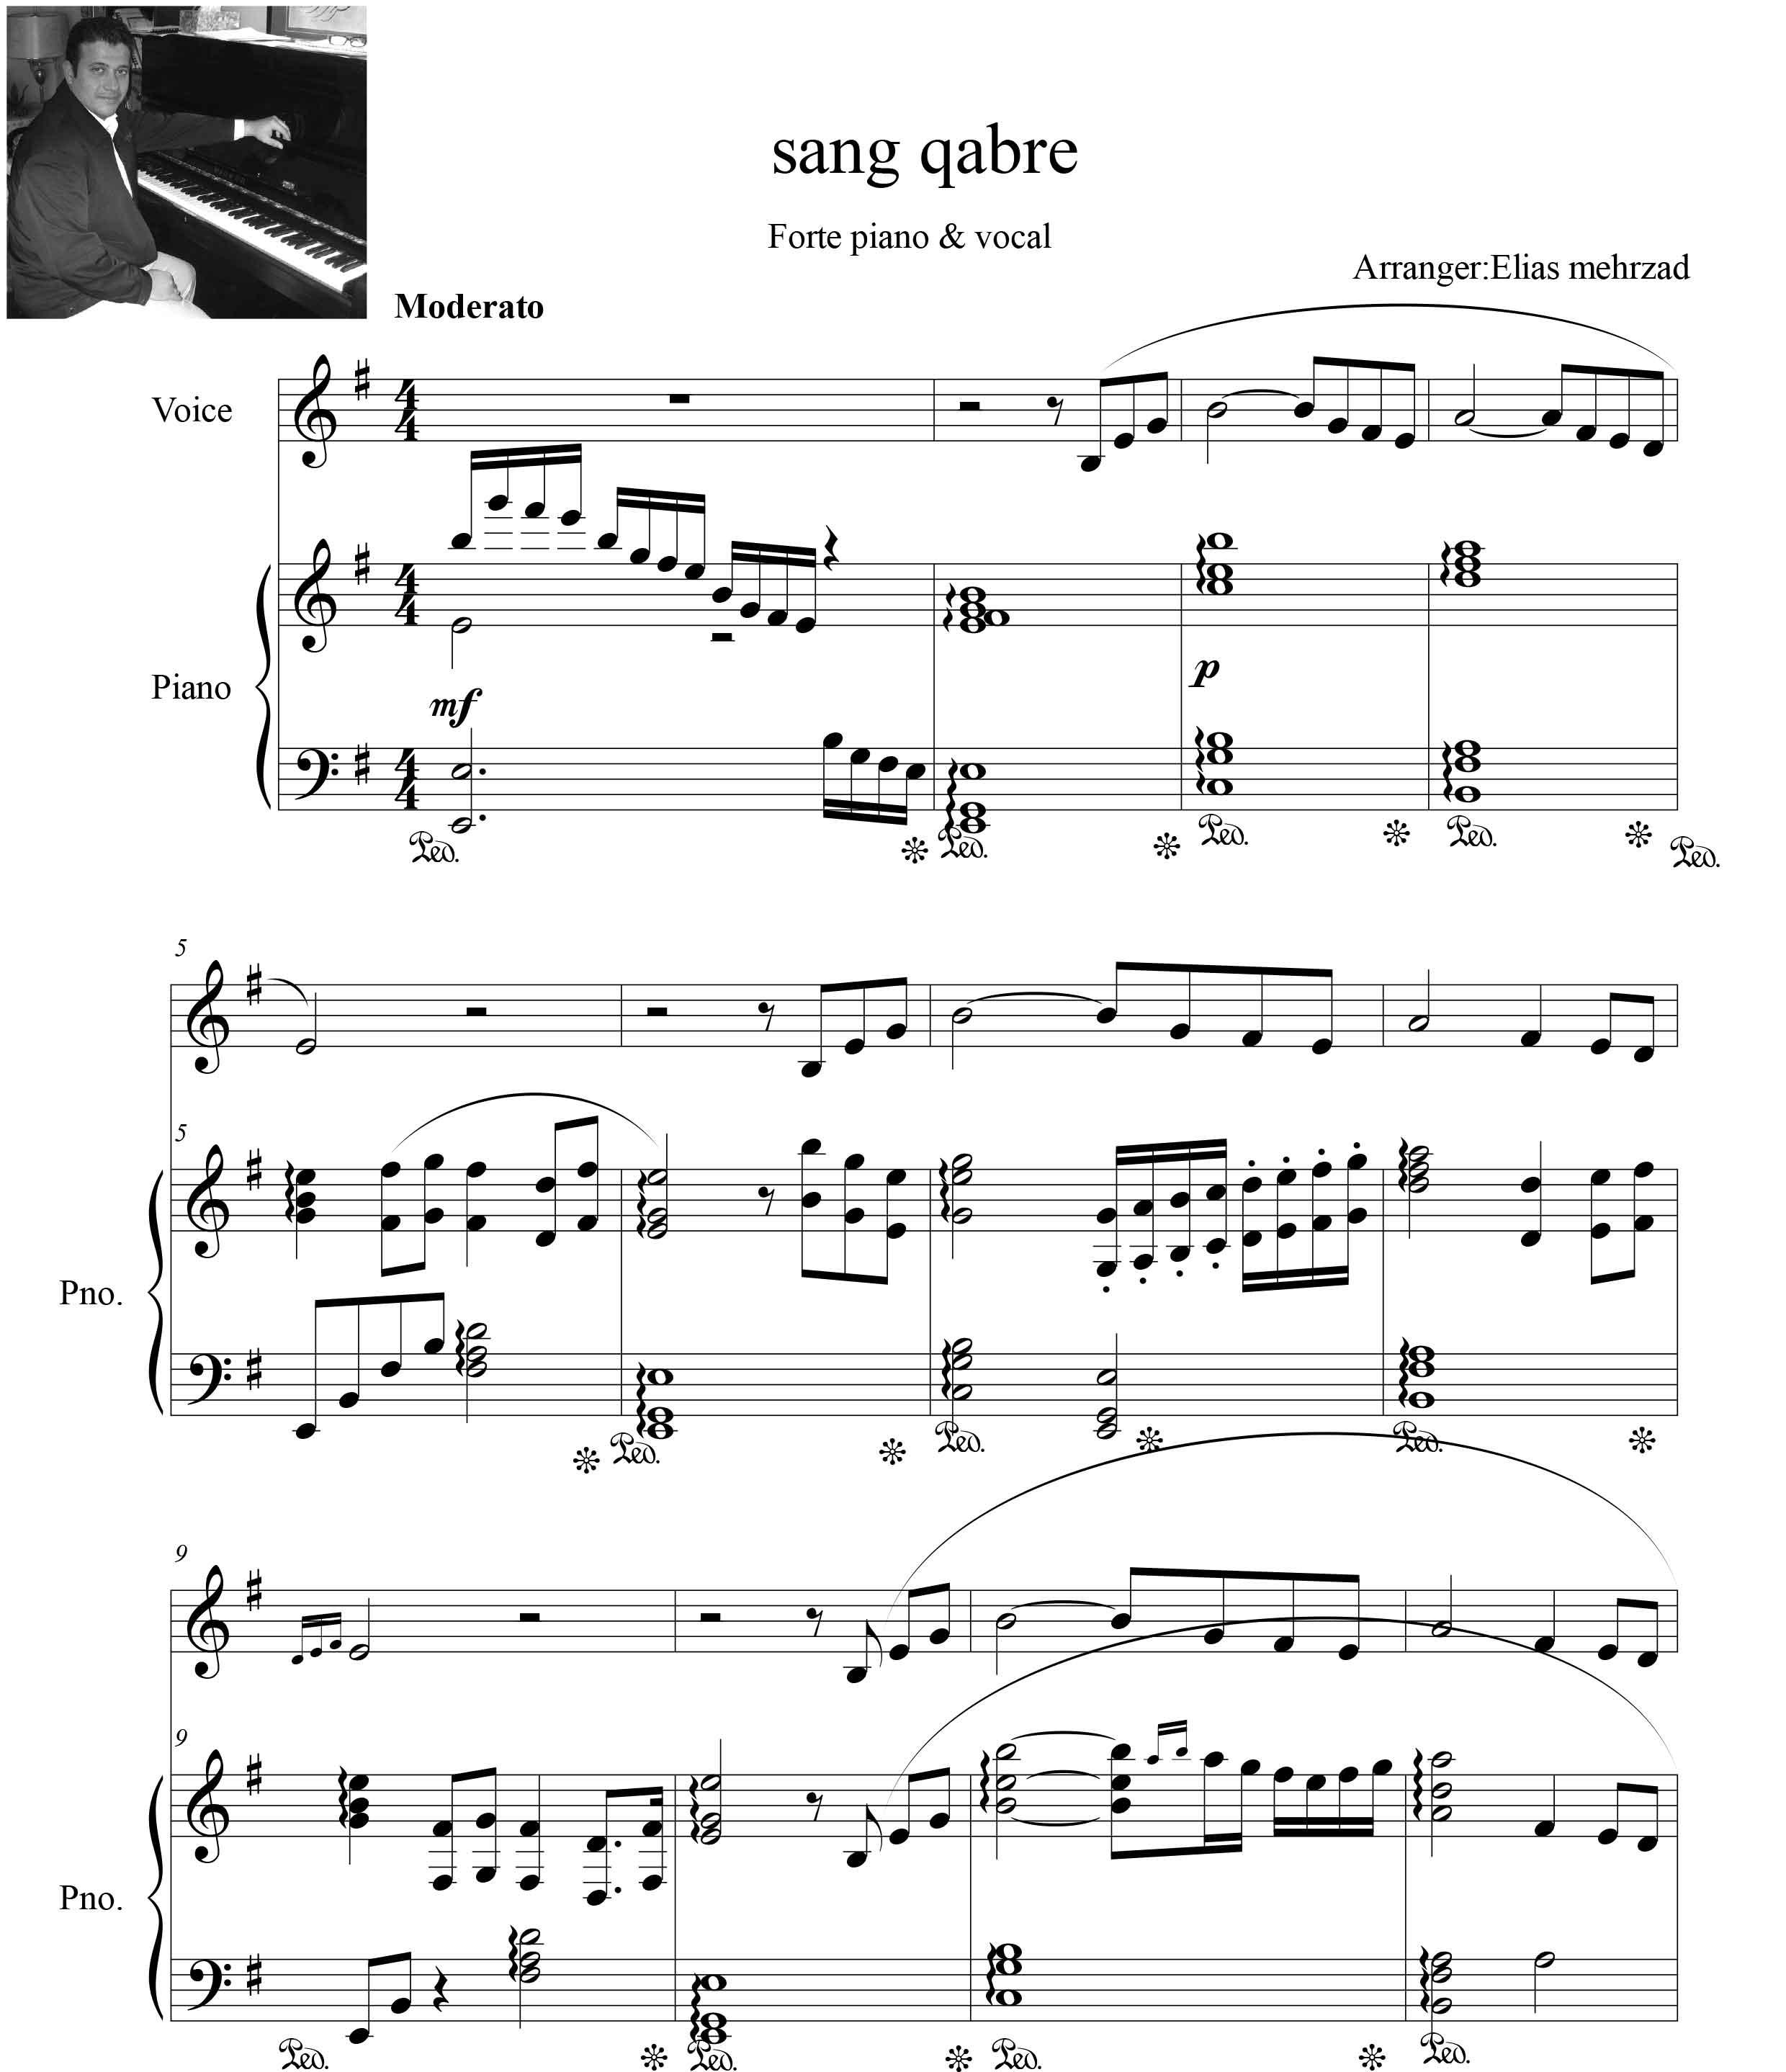 نت آهنگ سنگ قبر آرزوها برای پیانو و آواز از آرتوش